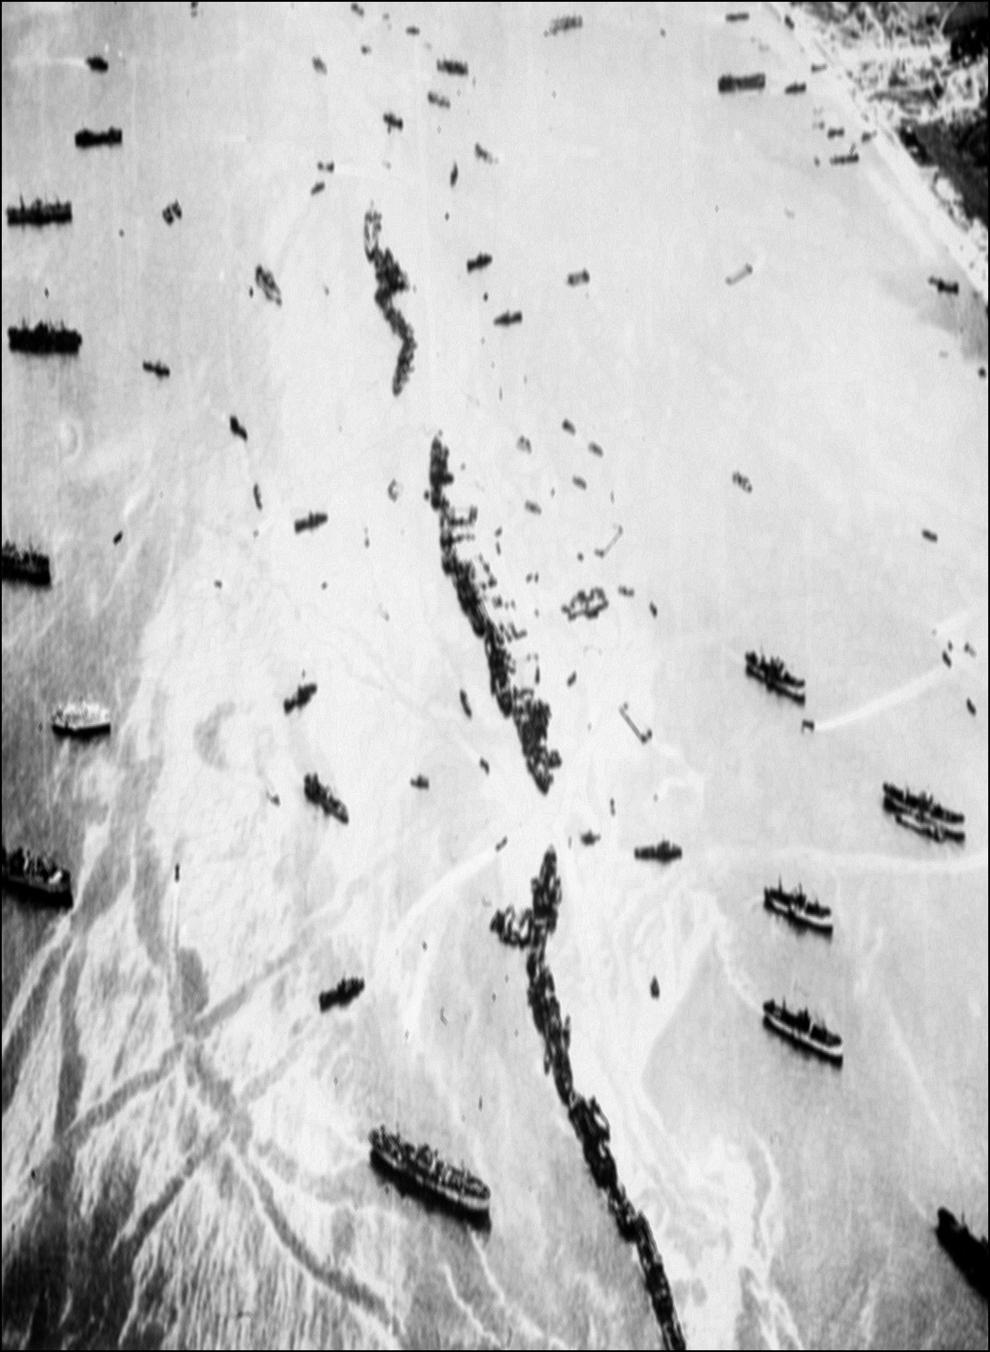 Fotografie aeriană, făcută de la bordul unui avion B – 26, în care se vede un dig artificial facut din vase militare, în timpul operaţiunii Overlord, pe coasta Normandiei, în iunie 1944.